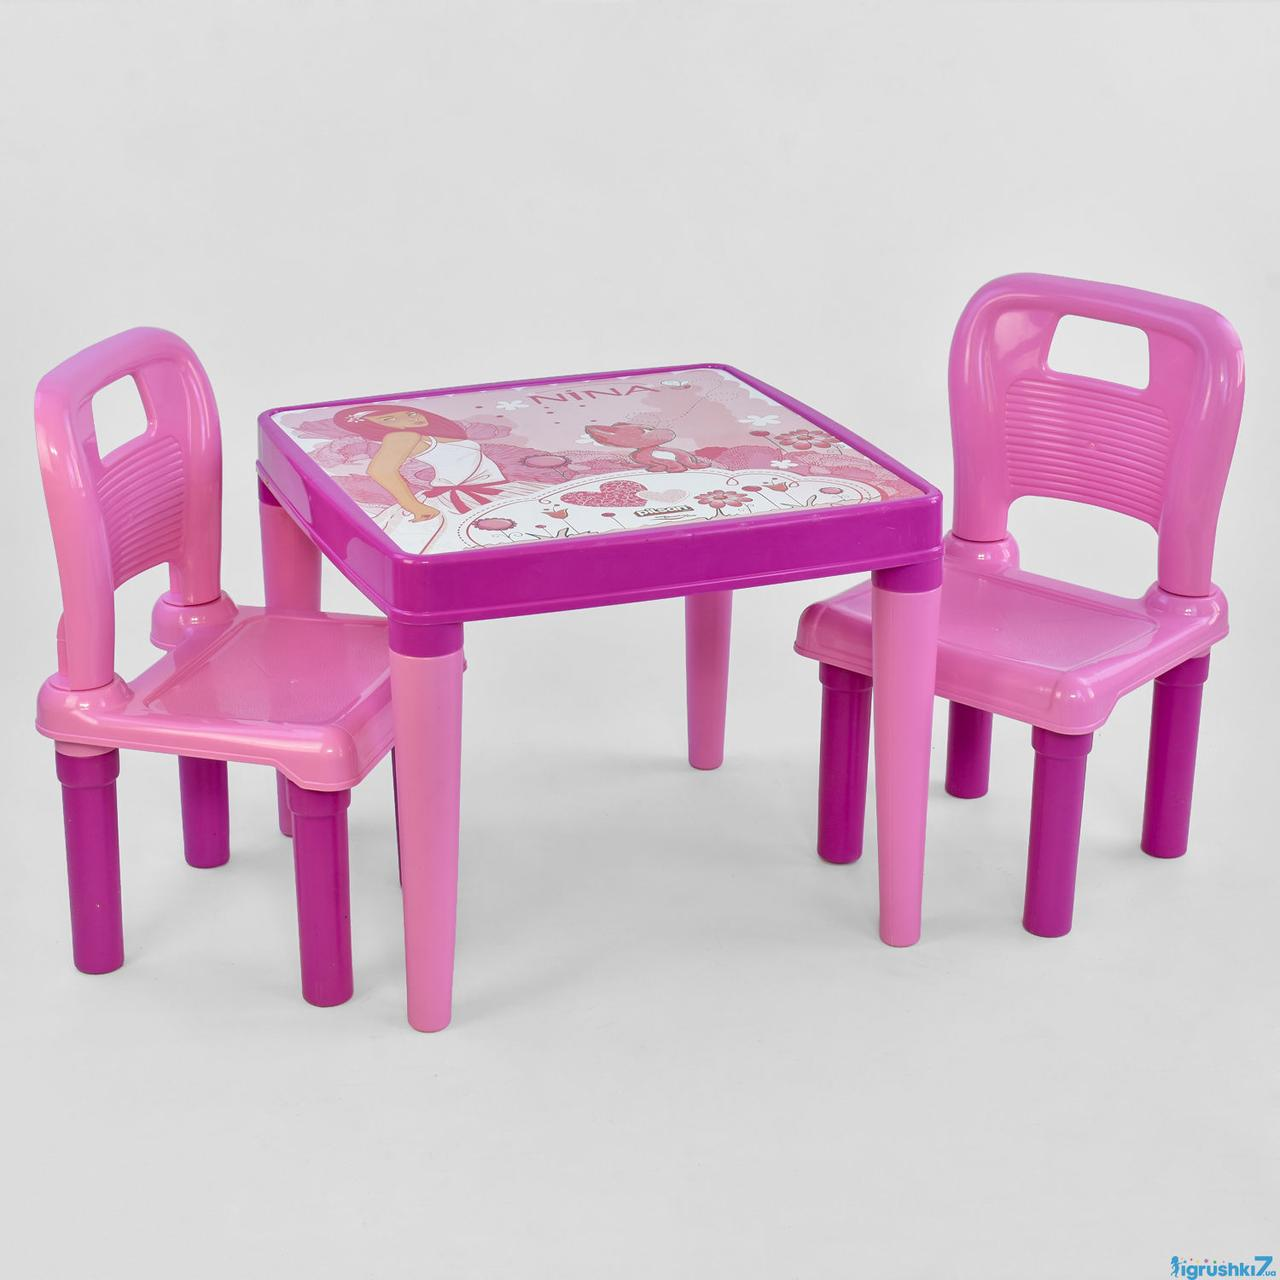 Стол с двумя стульчиками 03-414  ЦВЕТ РОЗОВЫЙ в коробке